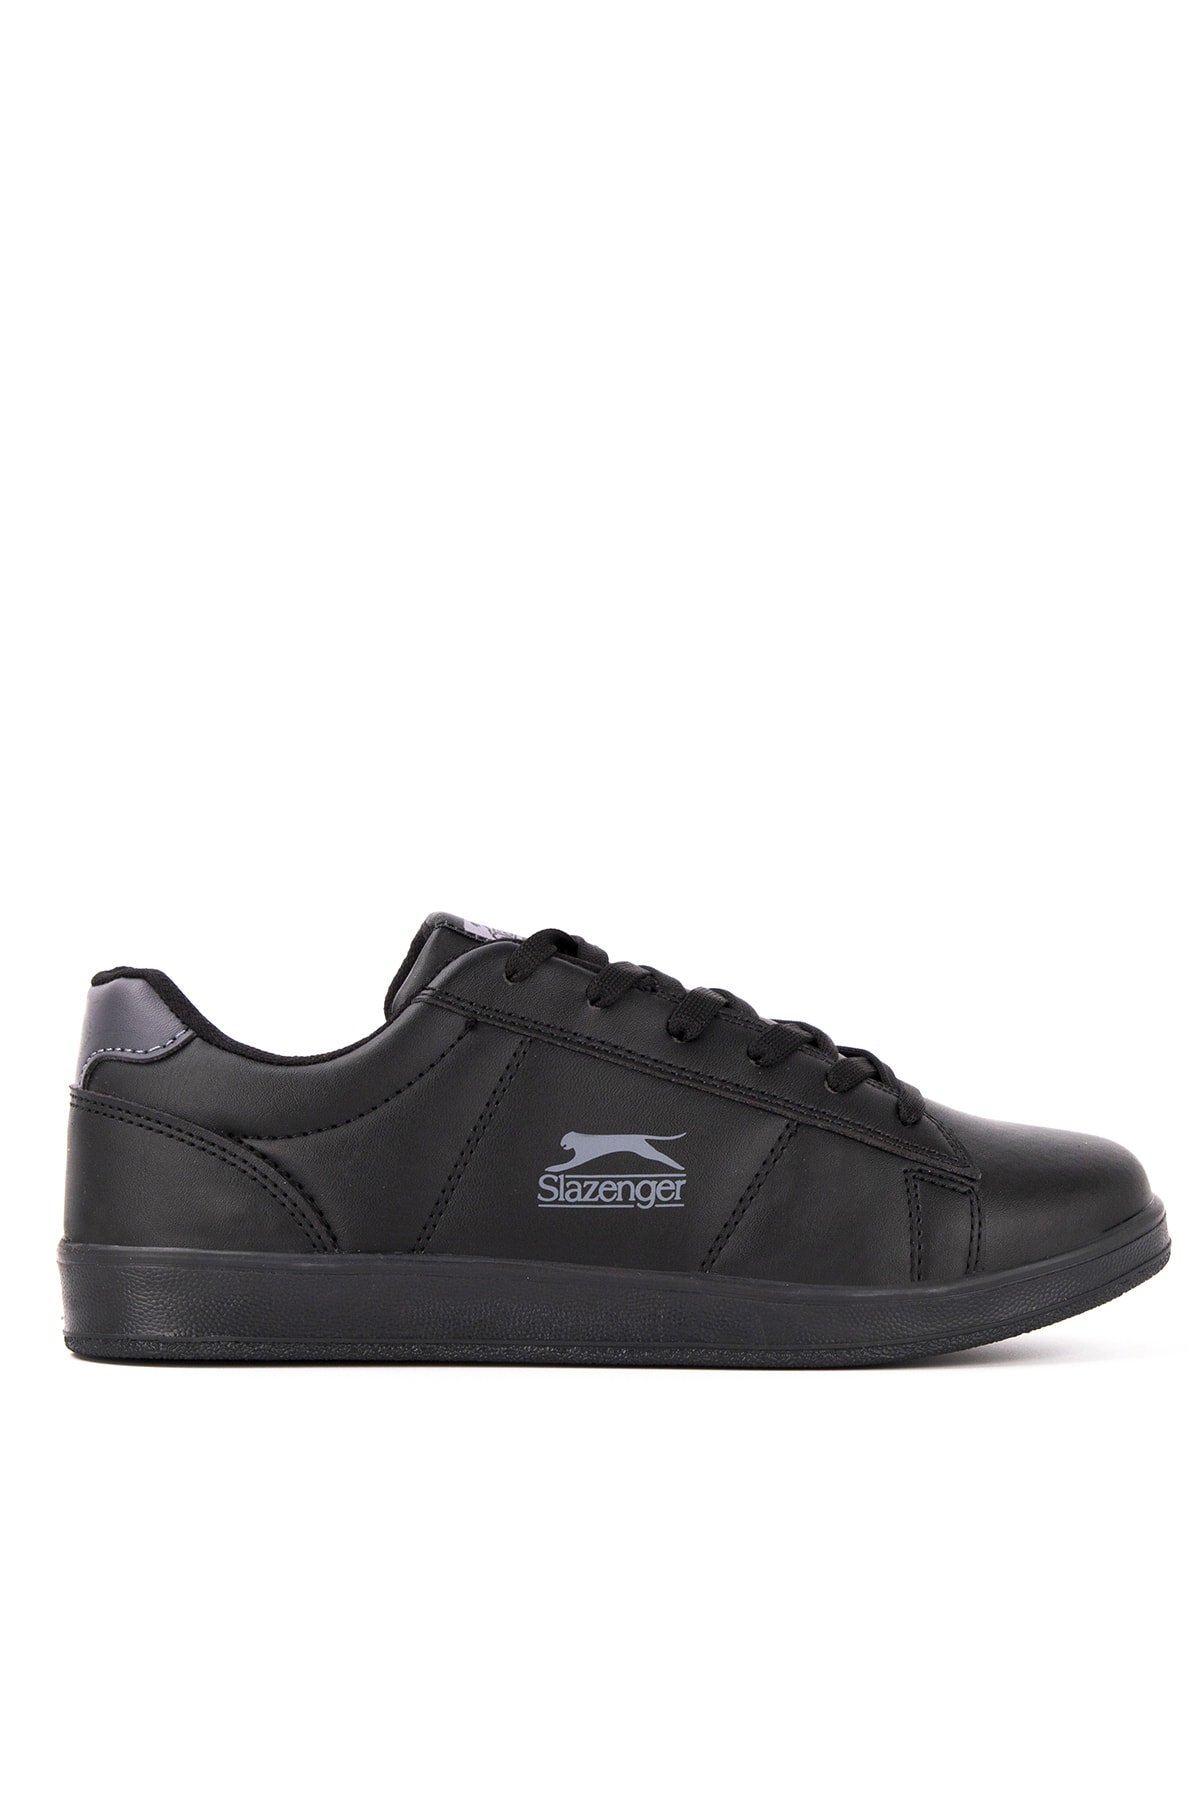 Slazenger Malcom I Günlük Giyim Kadın Ayakkabı Siyah 1